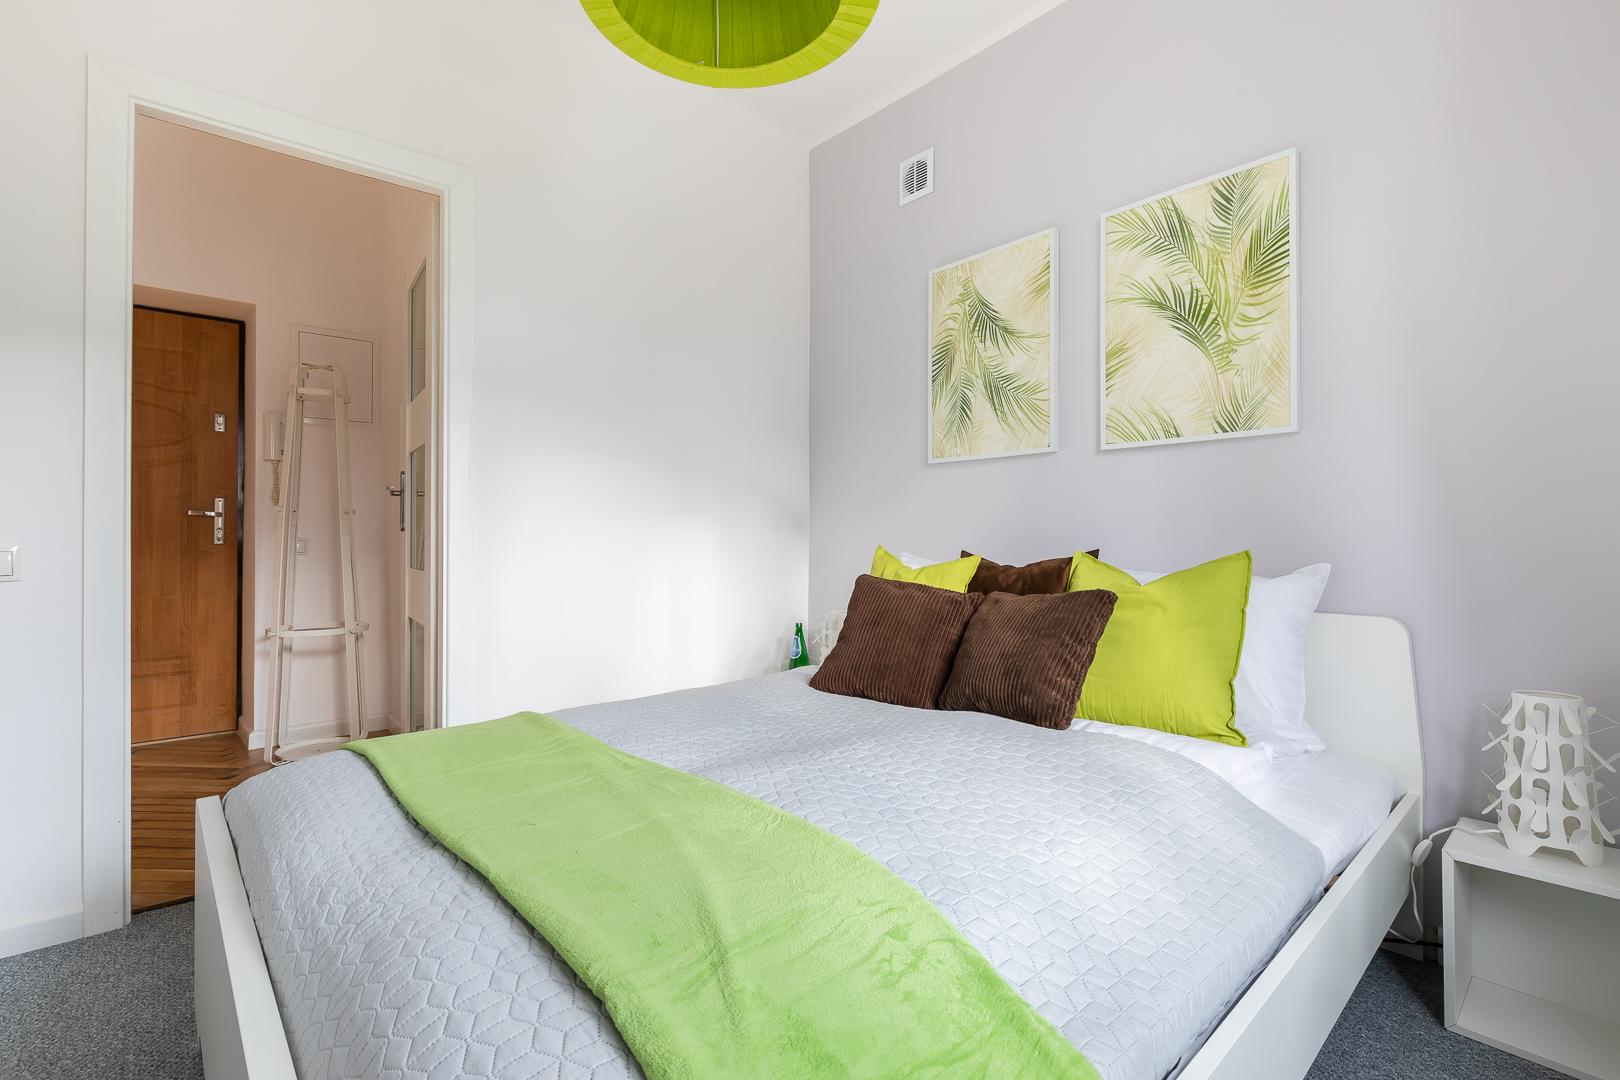 Bedroom at Franciszkaska 10 Apartment